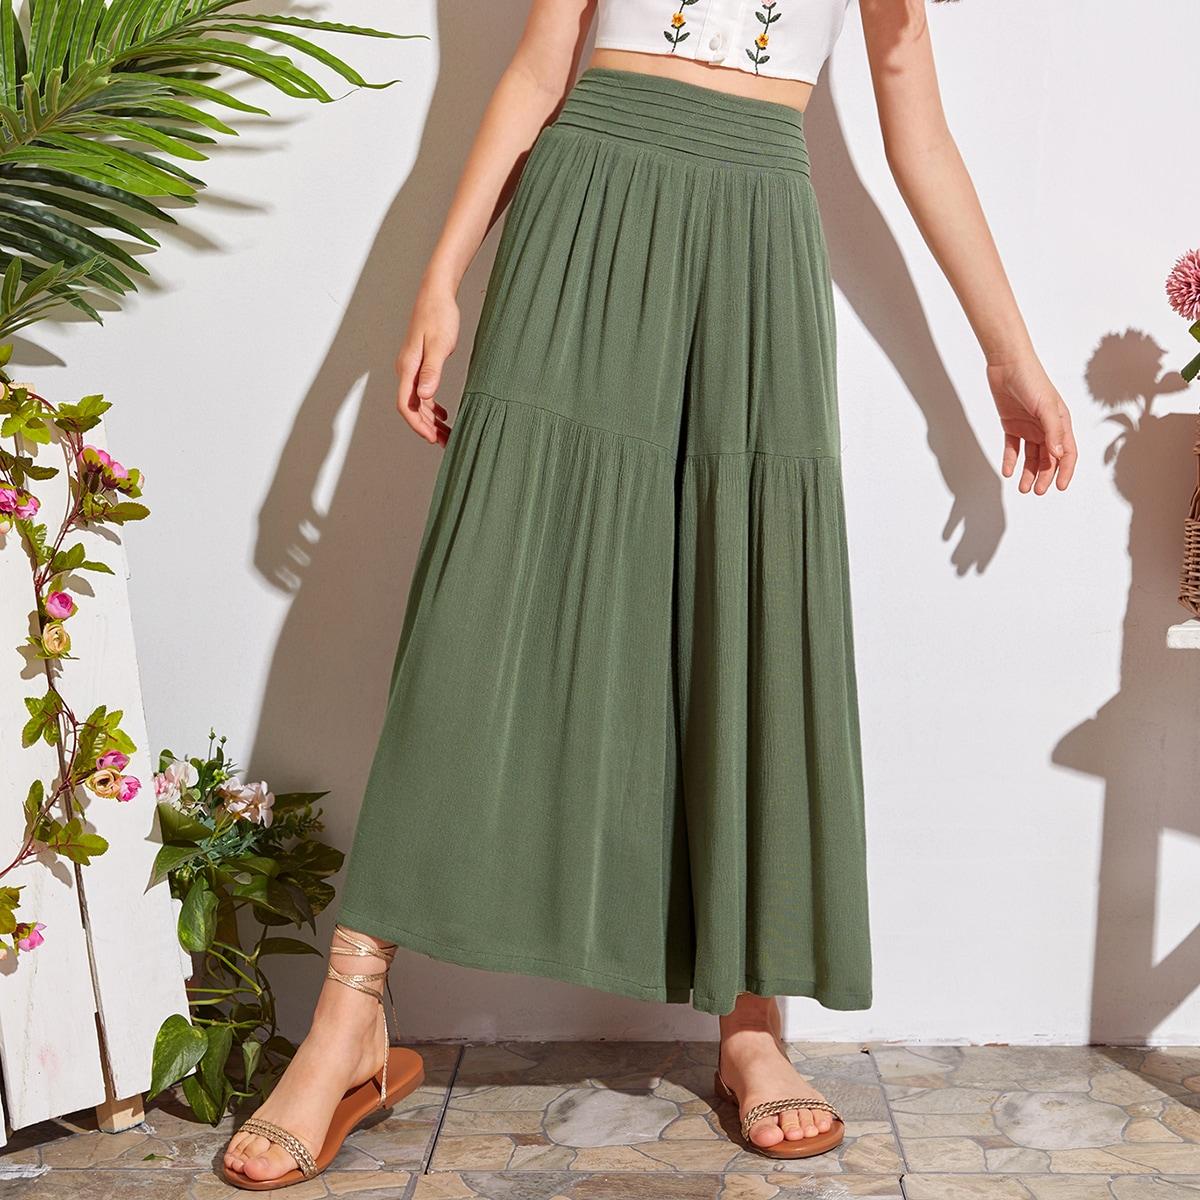 SHEIN / Hose mit Raffung auf Taille und breitem Beinschnitt